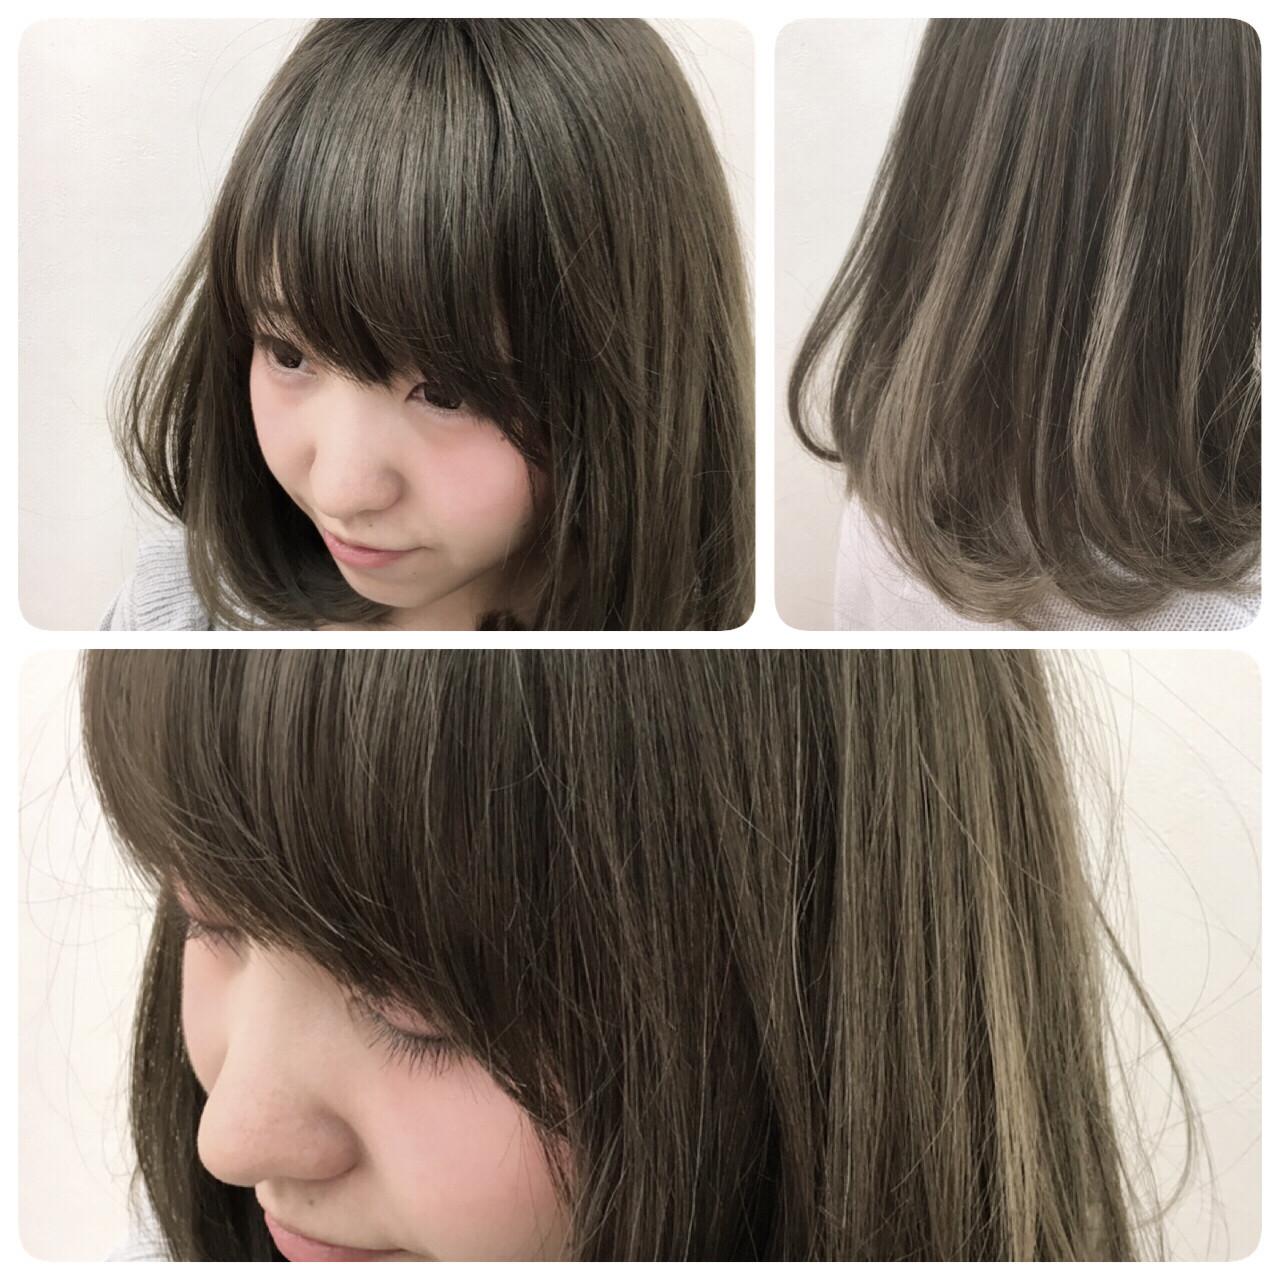 グレー系ヘアカラーが大人気!入りにくい髪色を上手く出すコツは? Katsuhito Emori